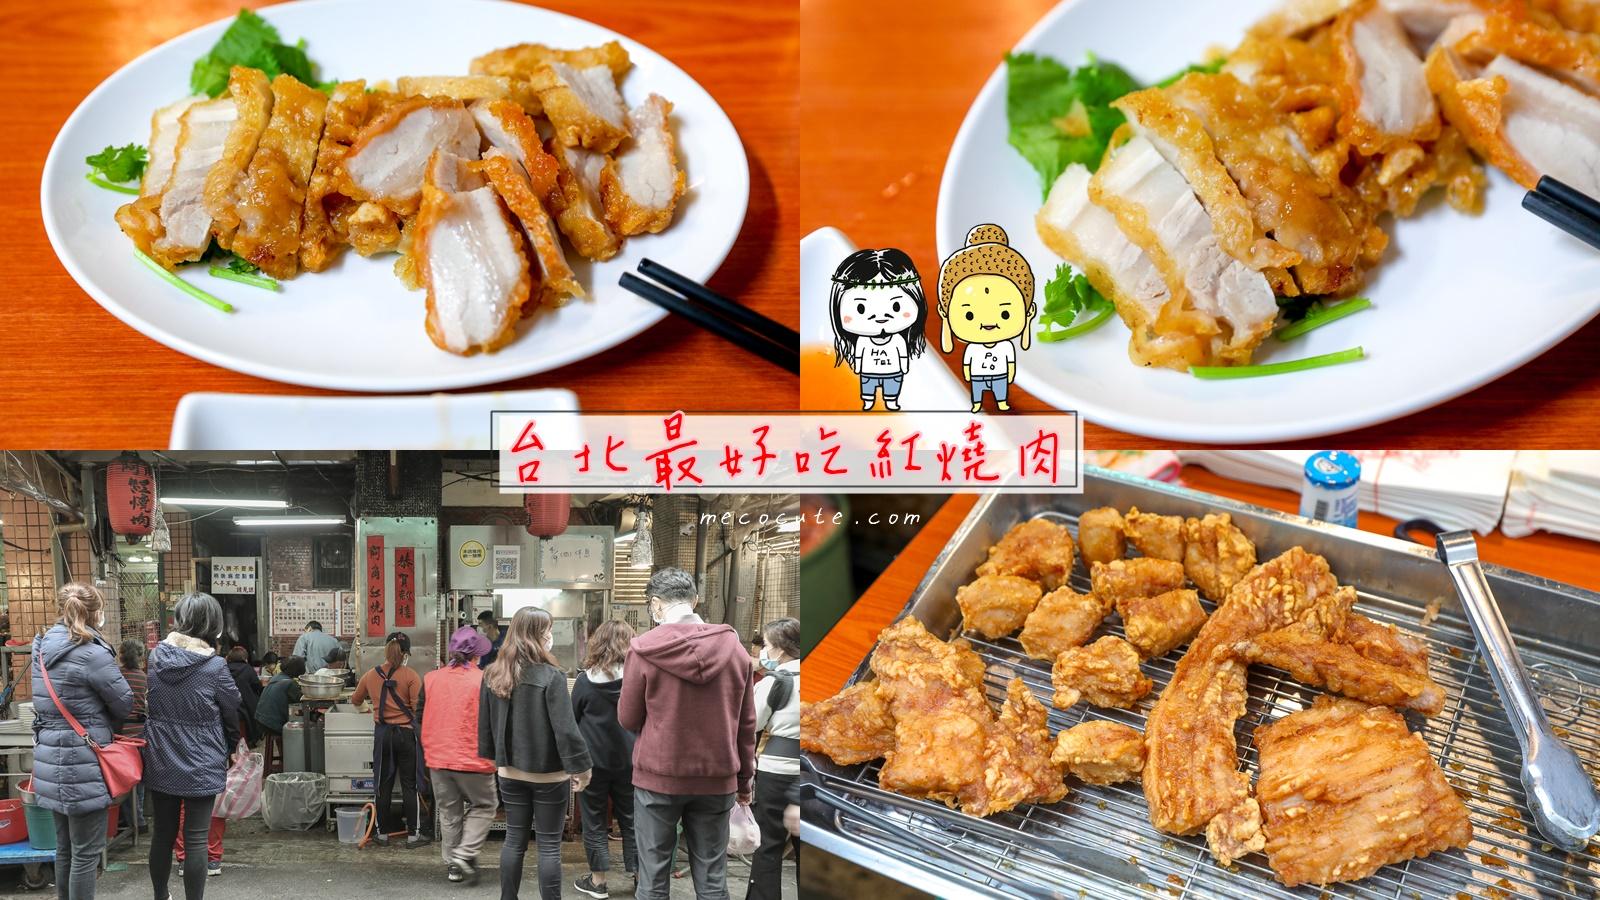 阿角紅燒肉,劉美麗紅燒肉,台北最好吃紅燒肉,台北早餐,阿角紅燒肉外帶,阿角紅燒肉菜單,劉美麗紅燒肉菜單,阿角紅燒肉營業時間,台北